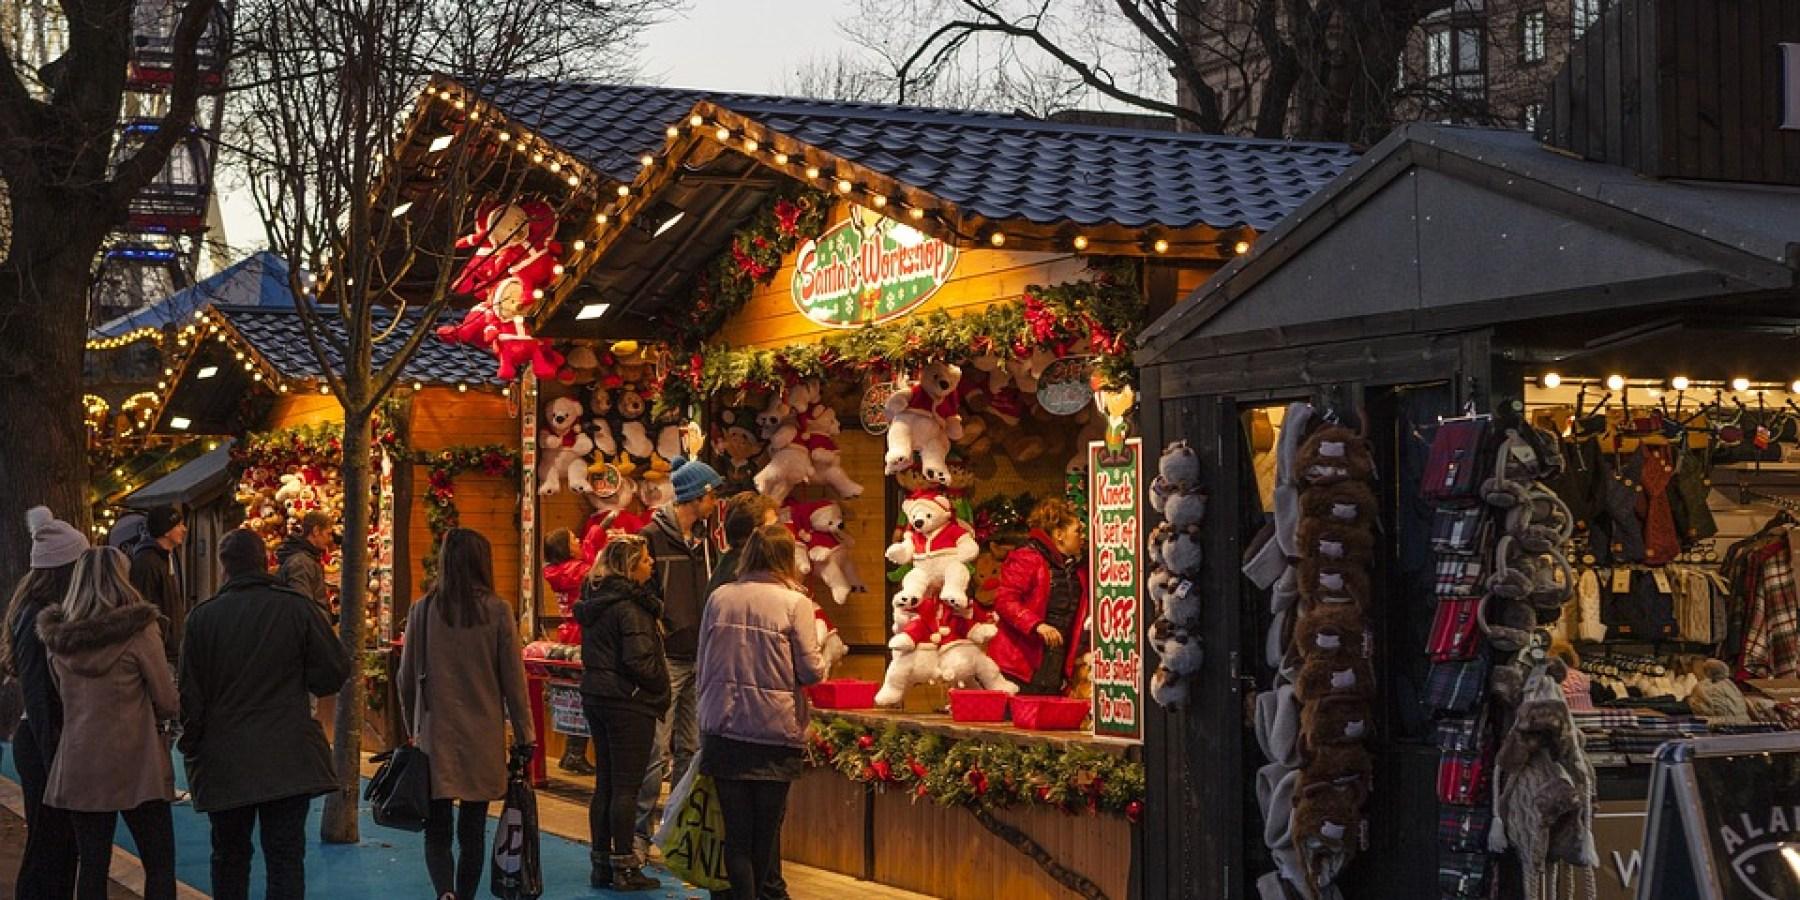 Verein darf Weihnachtsmarkt am Kiepenkerl veranstalten